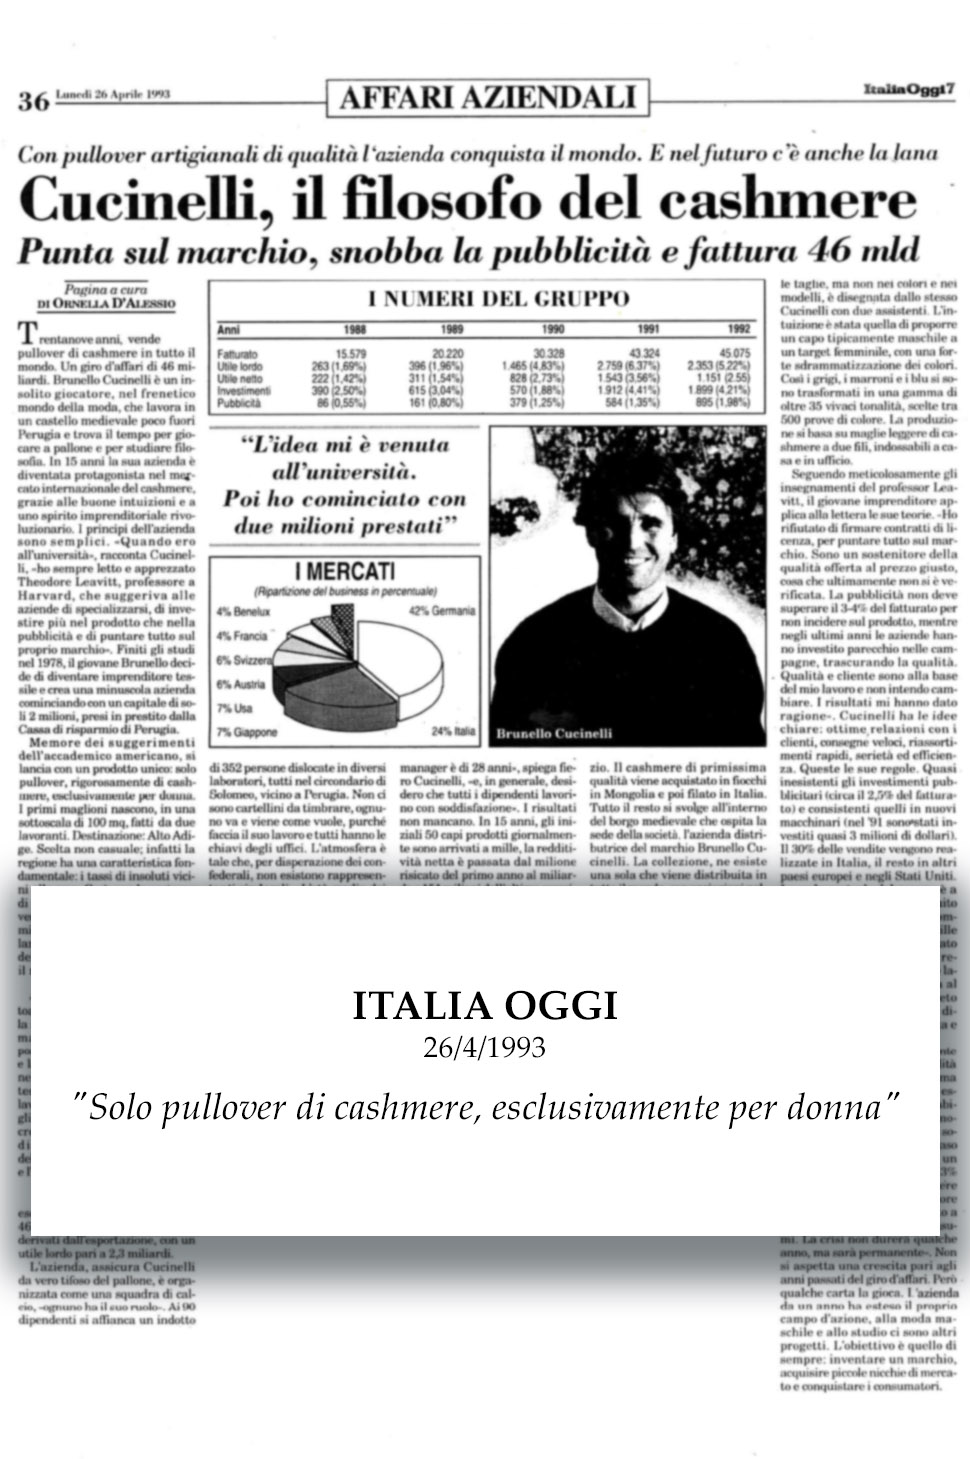 1993 Italia Oggi